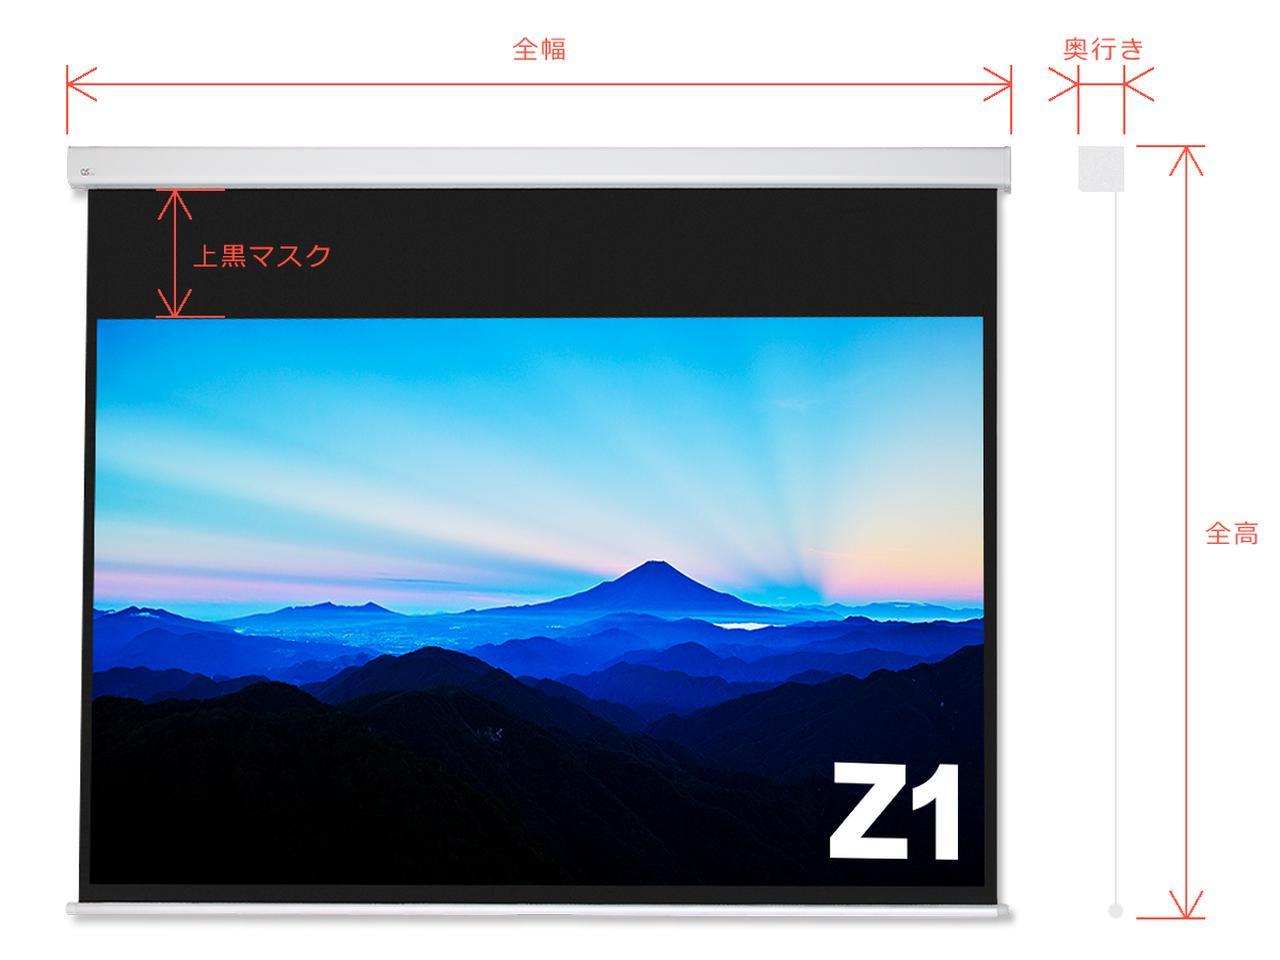 画像: 株式会社オーエスプラスe 製品情報 電動スクリーンZ1 手動スクリーンX1